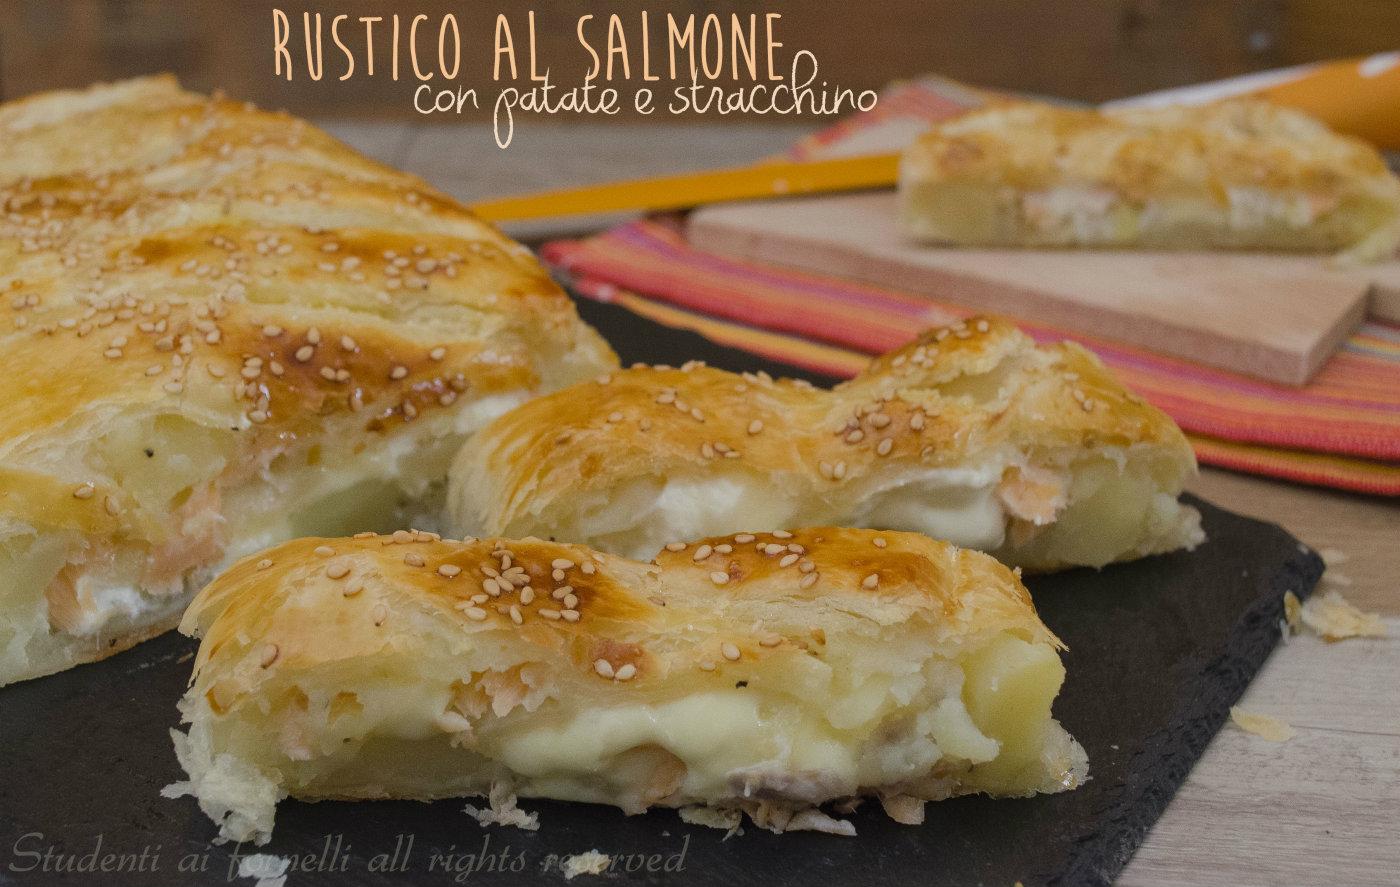 torta salata salmone rustico,al,salmone,patate,e,stracchino,ricetta